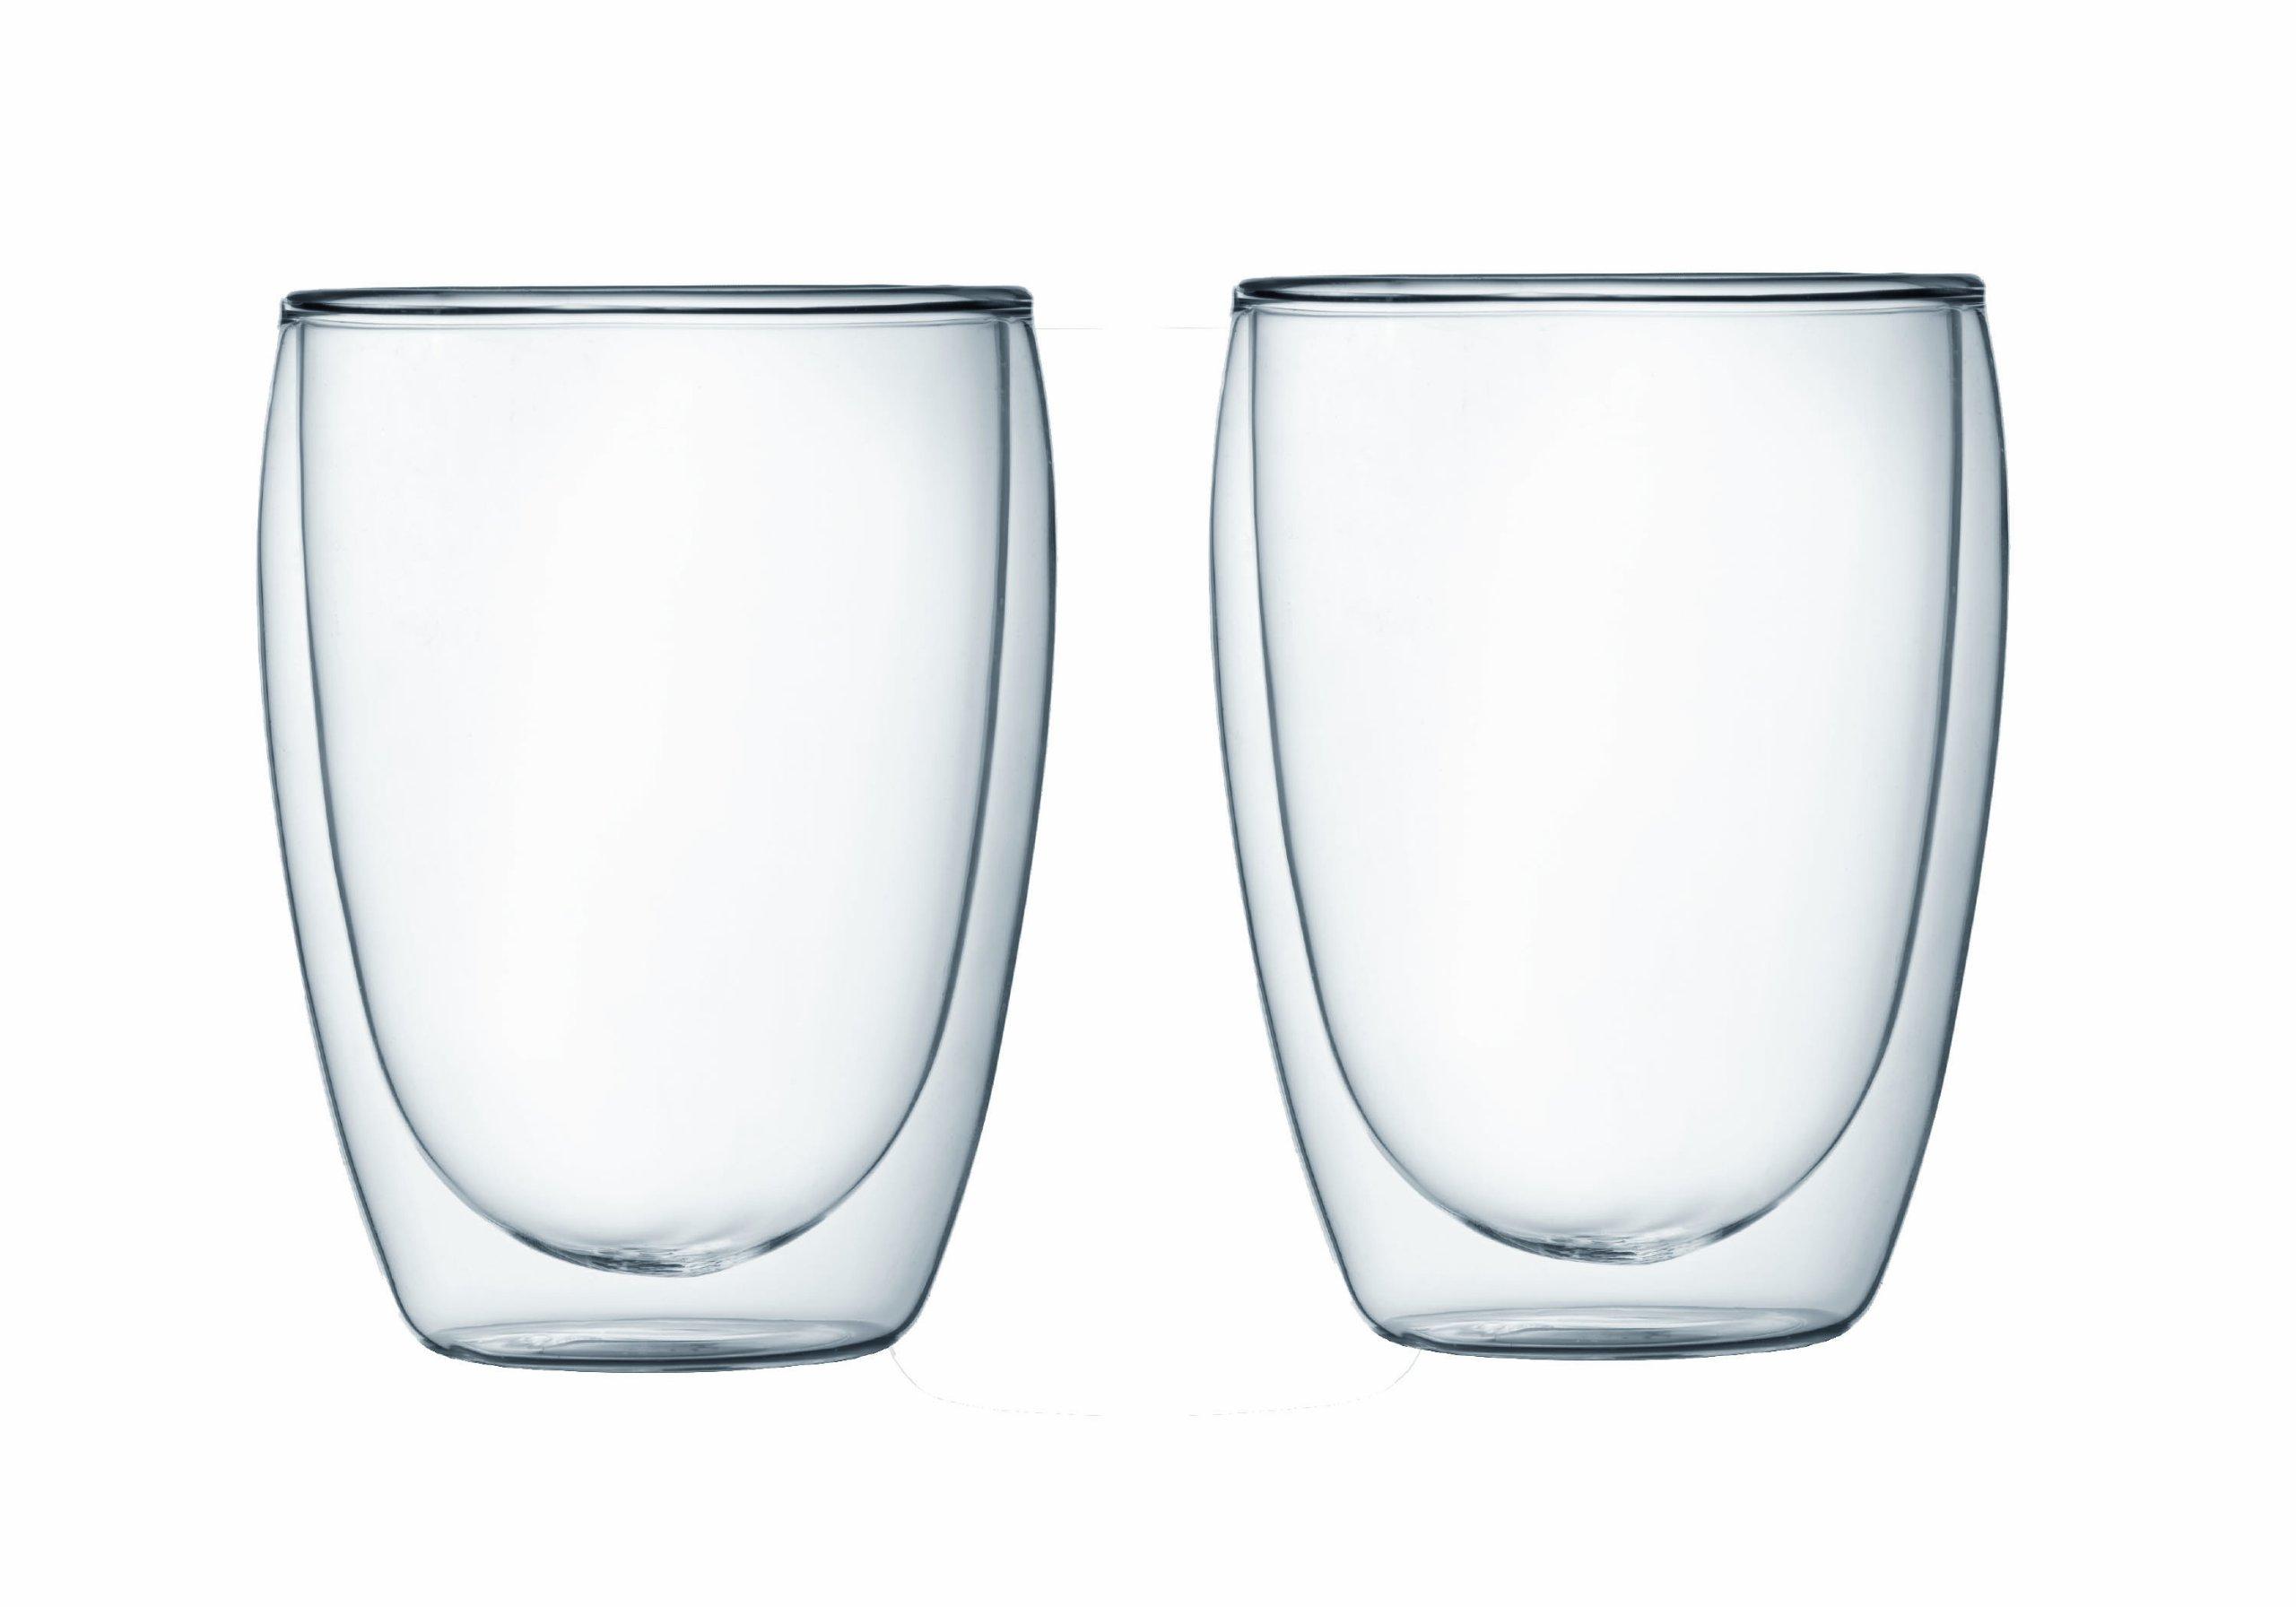 Bodum PAVINA Coffee Mug, Double-Wall Insulated Glass Mug, Clear, 12 Ounces Each (Pack of 2)